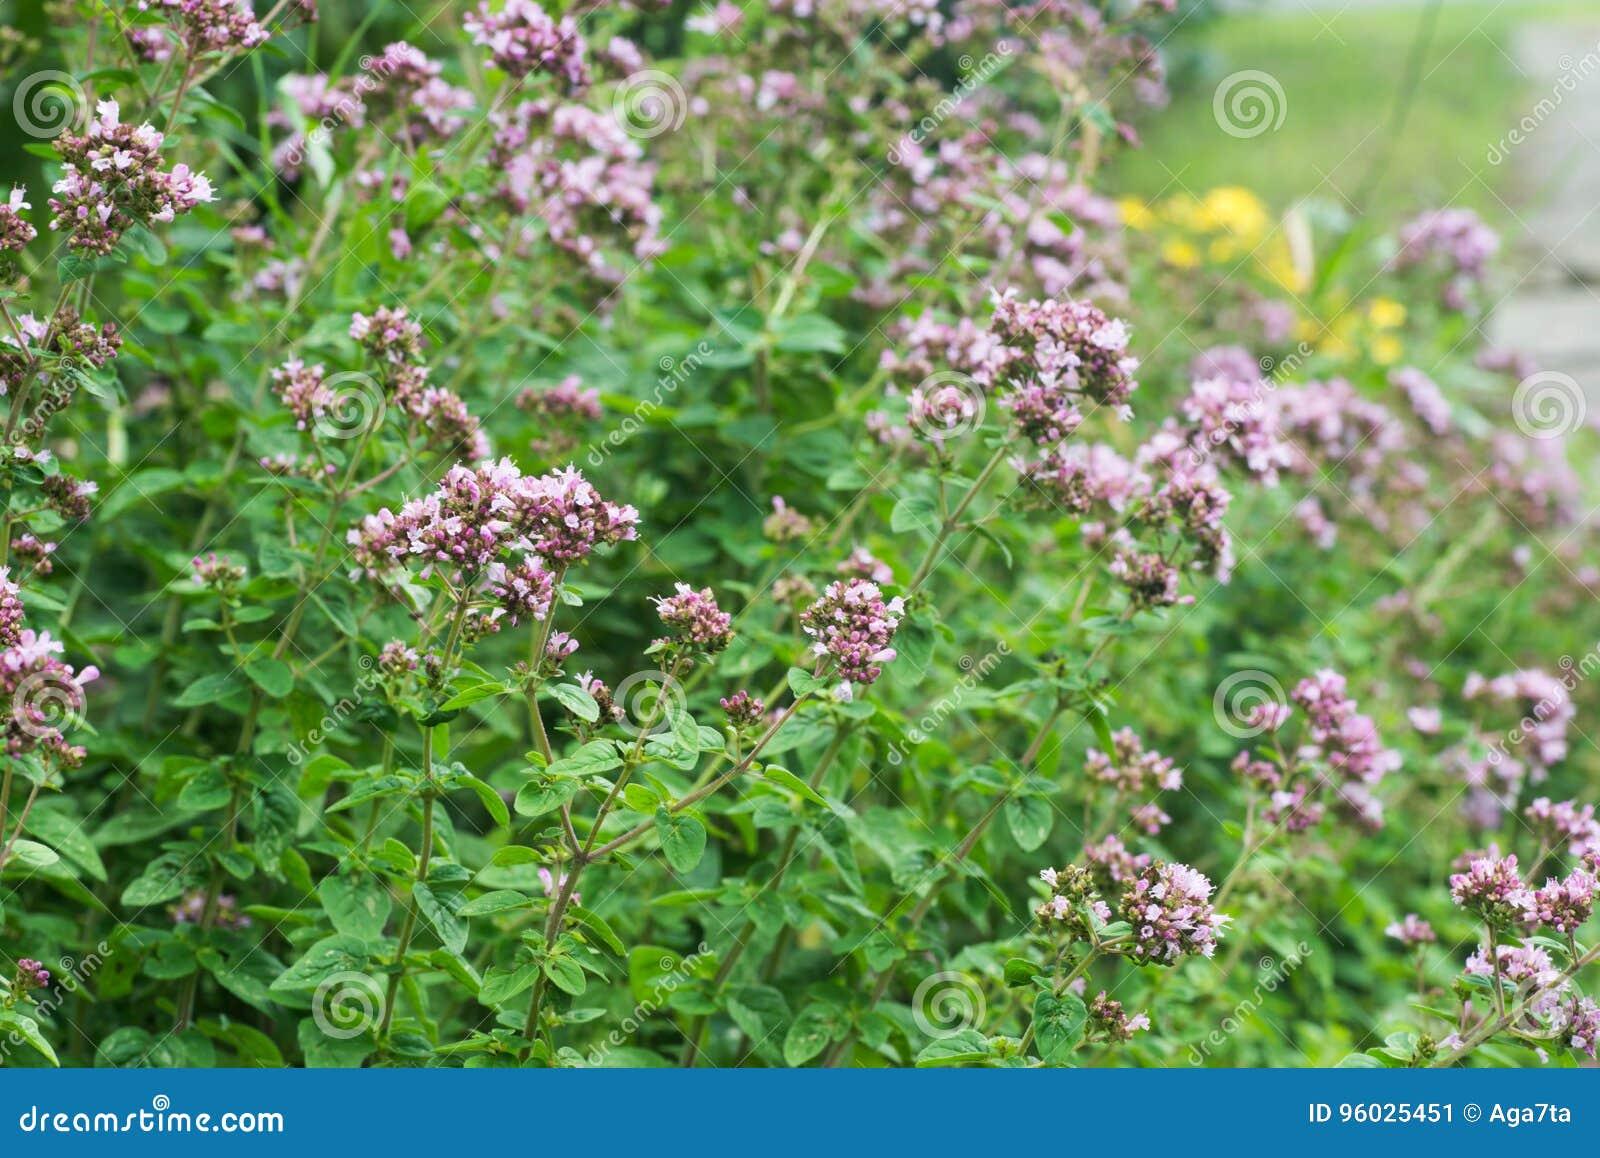 Kwiatonośny oregano w ogrodowej selekcyjnej ostrości